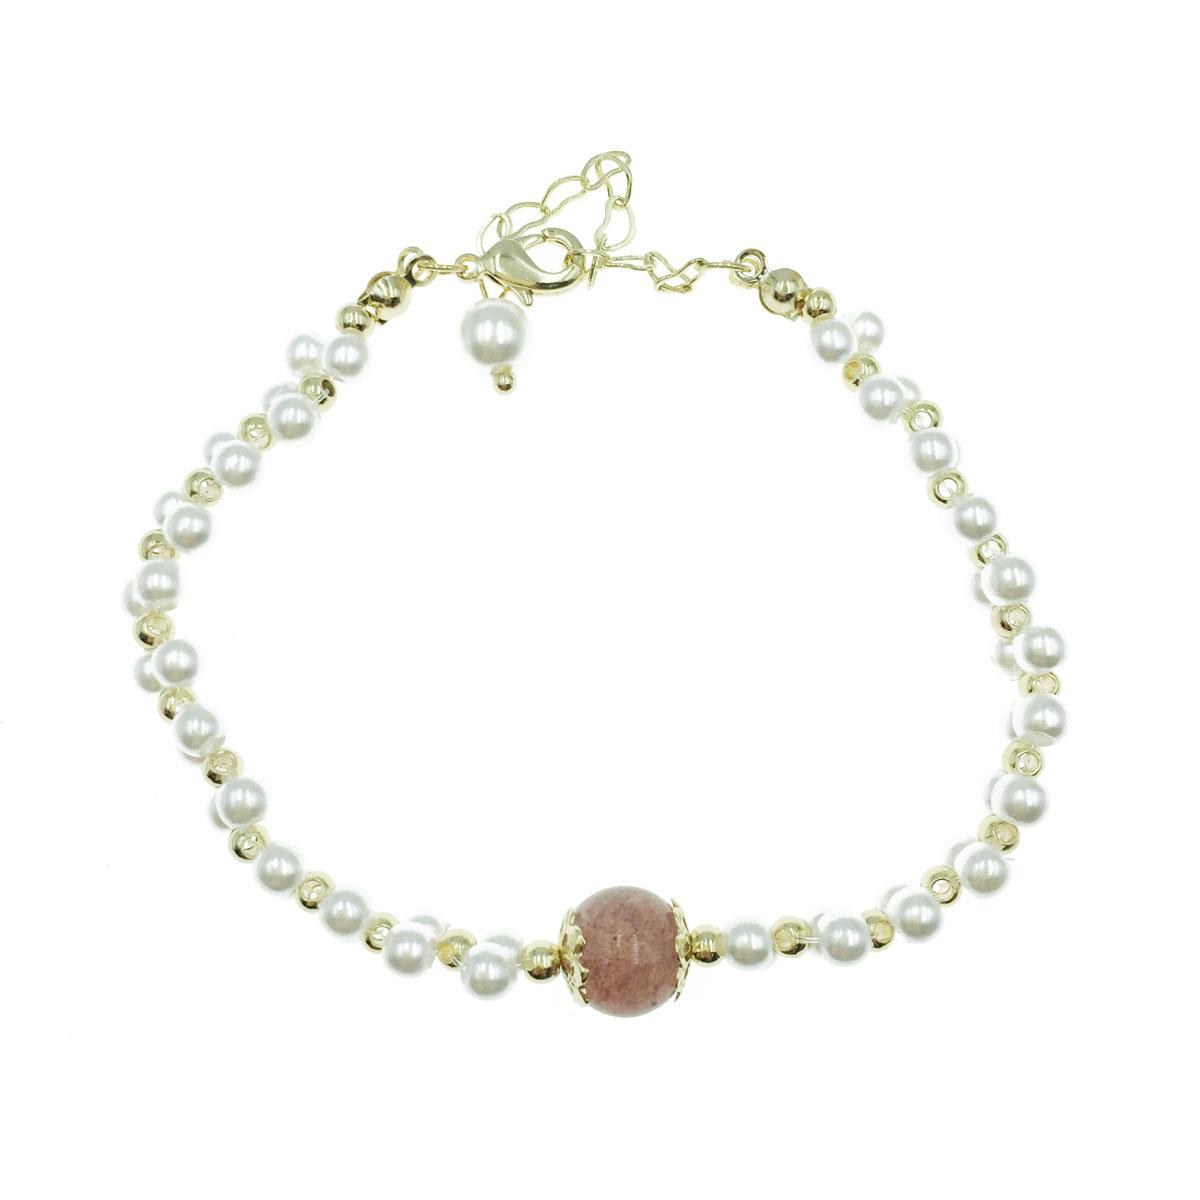 韓國 珍珠 彩珠 愛心 可調式 手鍊